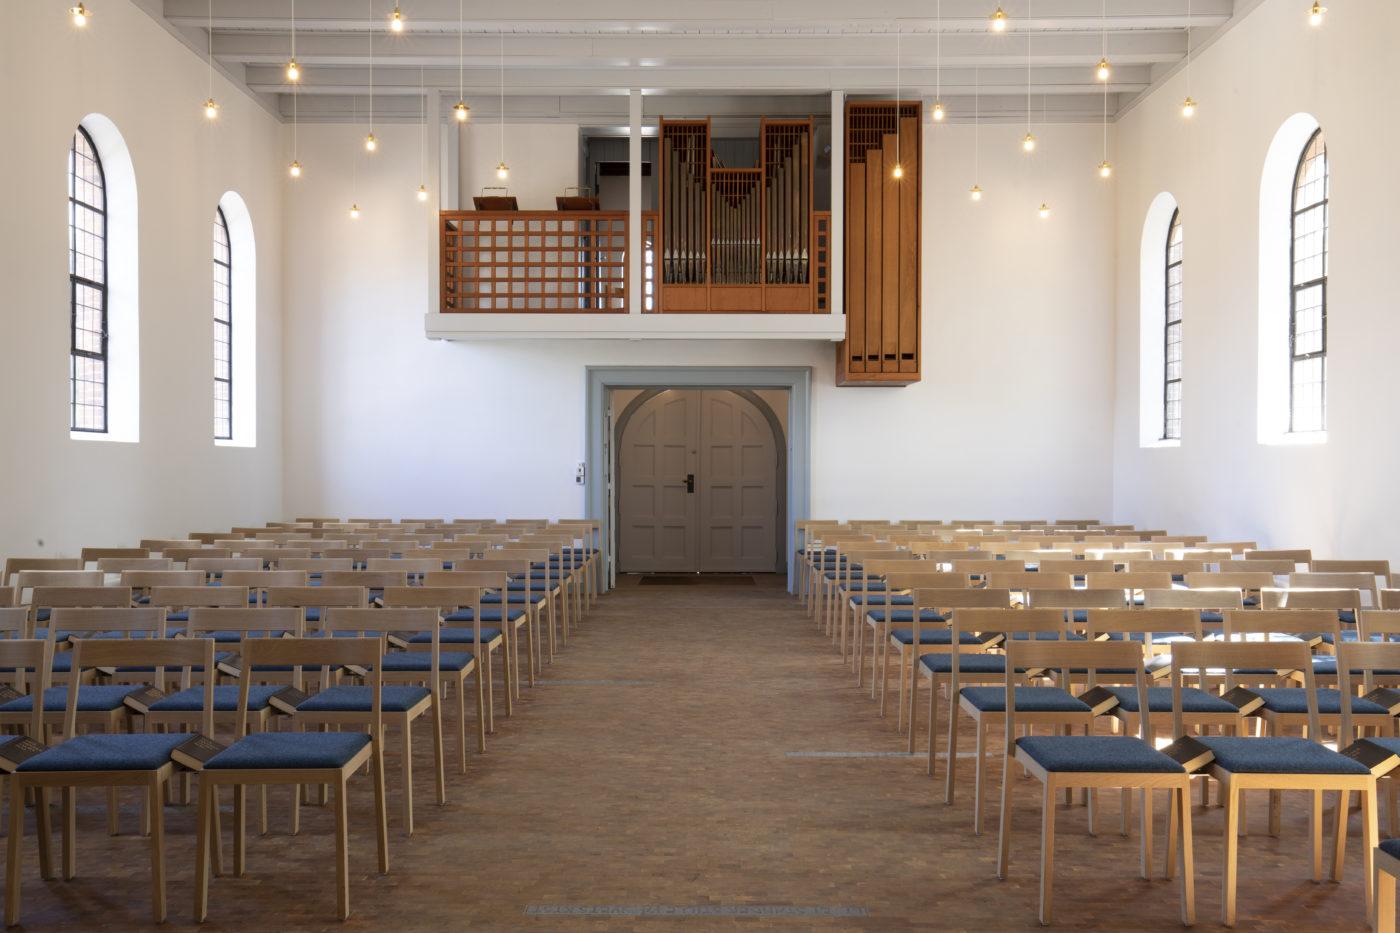 Nyhuse Kapel interiør orgel Elgaard Architecture